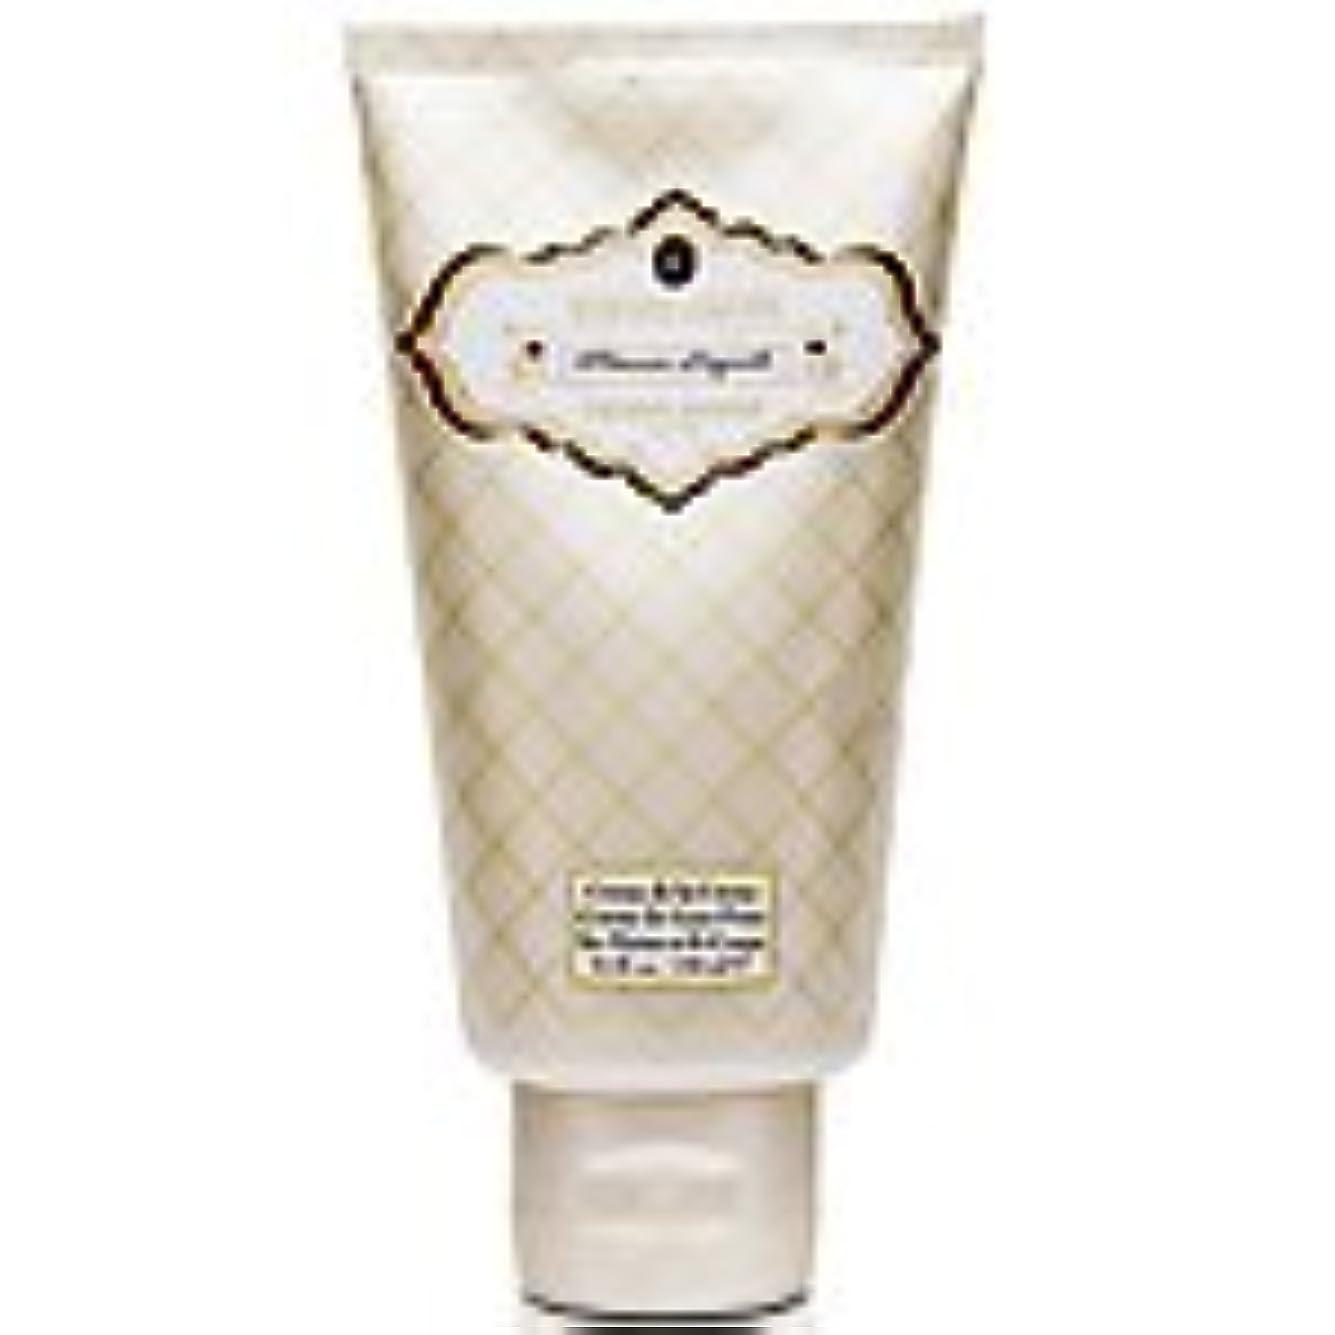 魔術師広げるシネマMemoire Liquide Reserve - Encens Liquide (メモワールリキッドリザーブ - エンセンスリキッド) 5.1 oz (153ml) Body Cream for Unisex